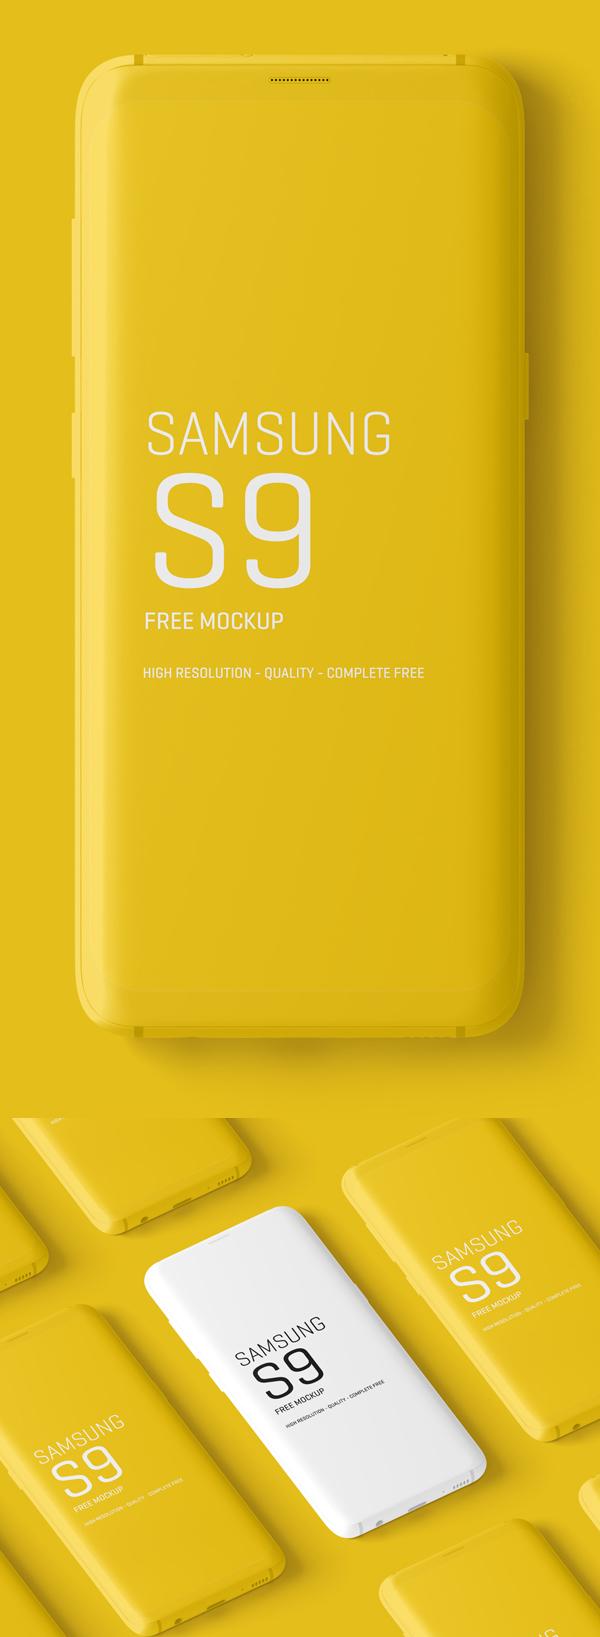 Maquetas mínimas gratuitas de Samsung Galaxy S9